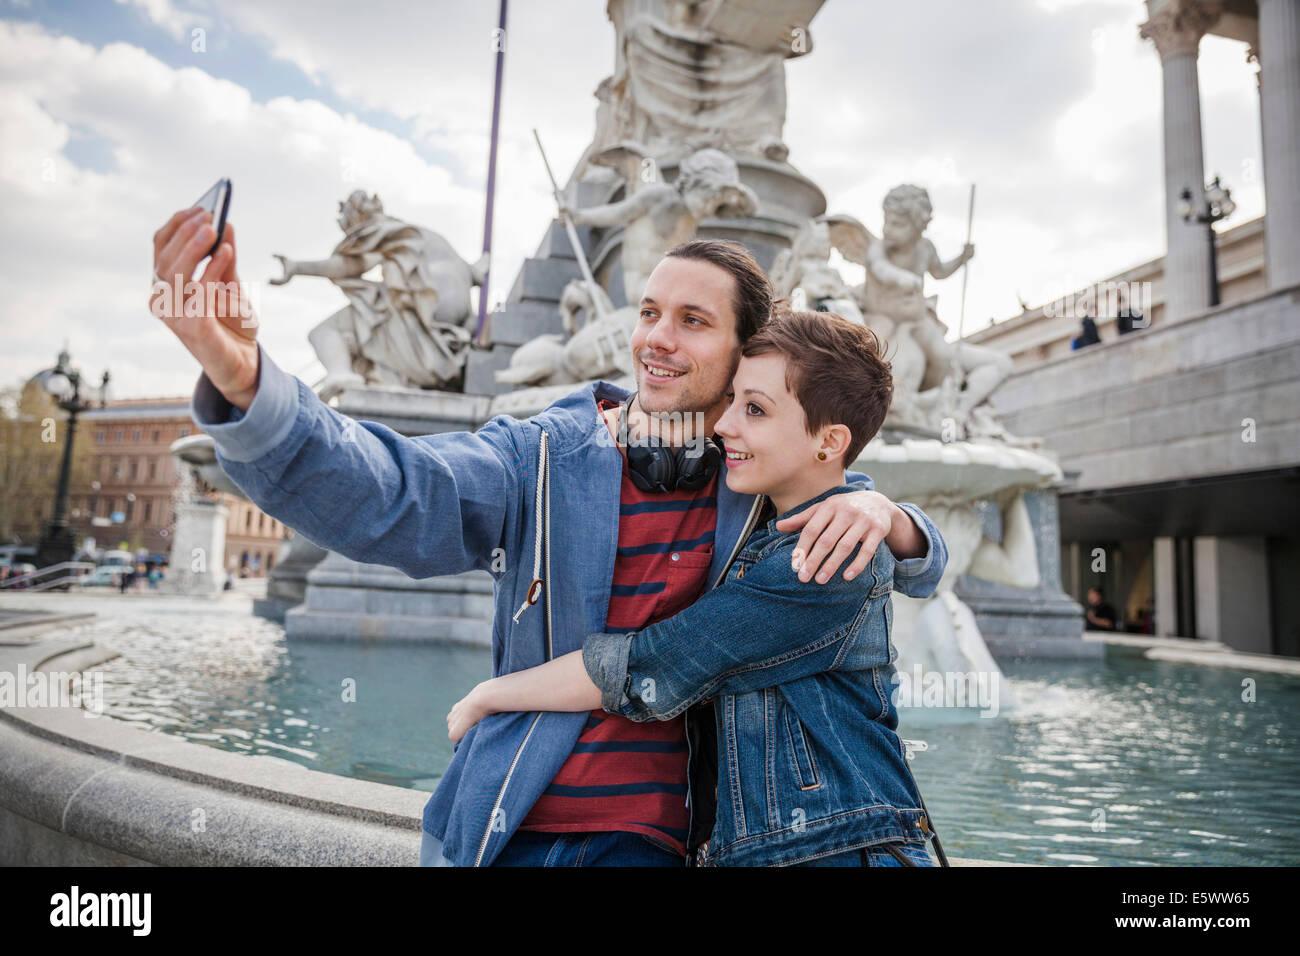 Giovane adulto giovane prendendo una foto di loro stessi, Vienna, Austria Immagini Stock